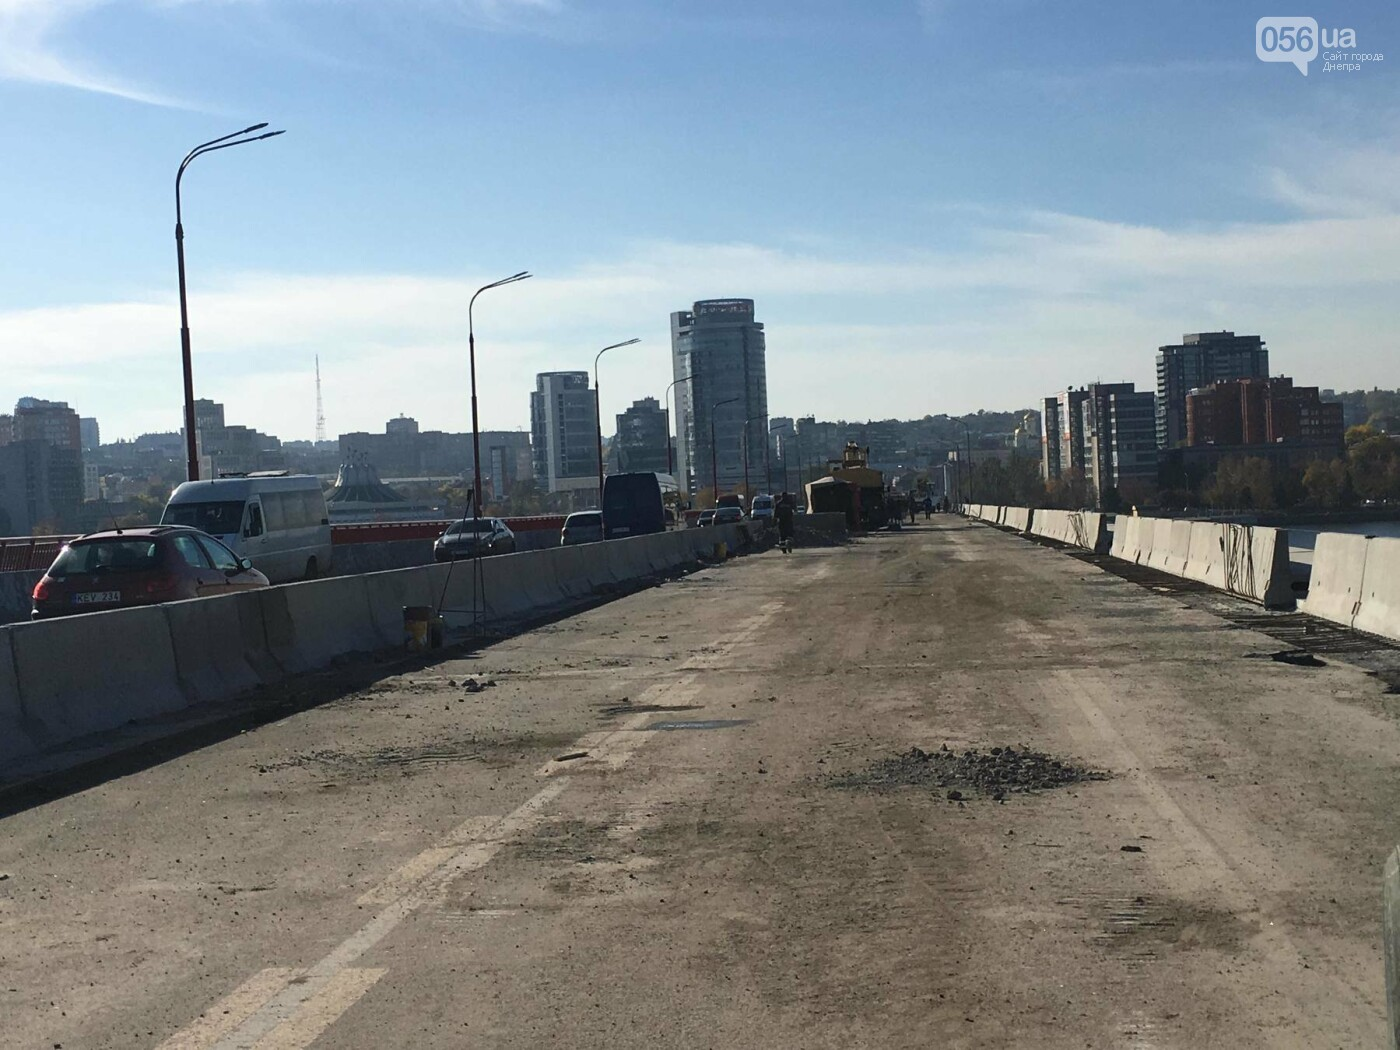 На Новом мосту в Днепре продолжает падать фонарный столб: что с ним будут делать, - ФОТО,  ВИДЕО, фото-5